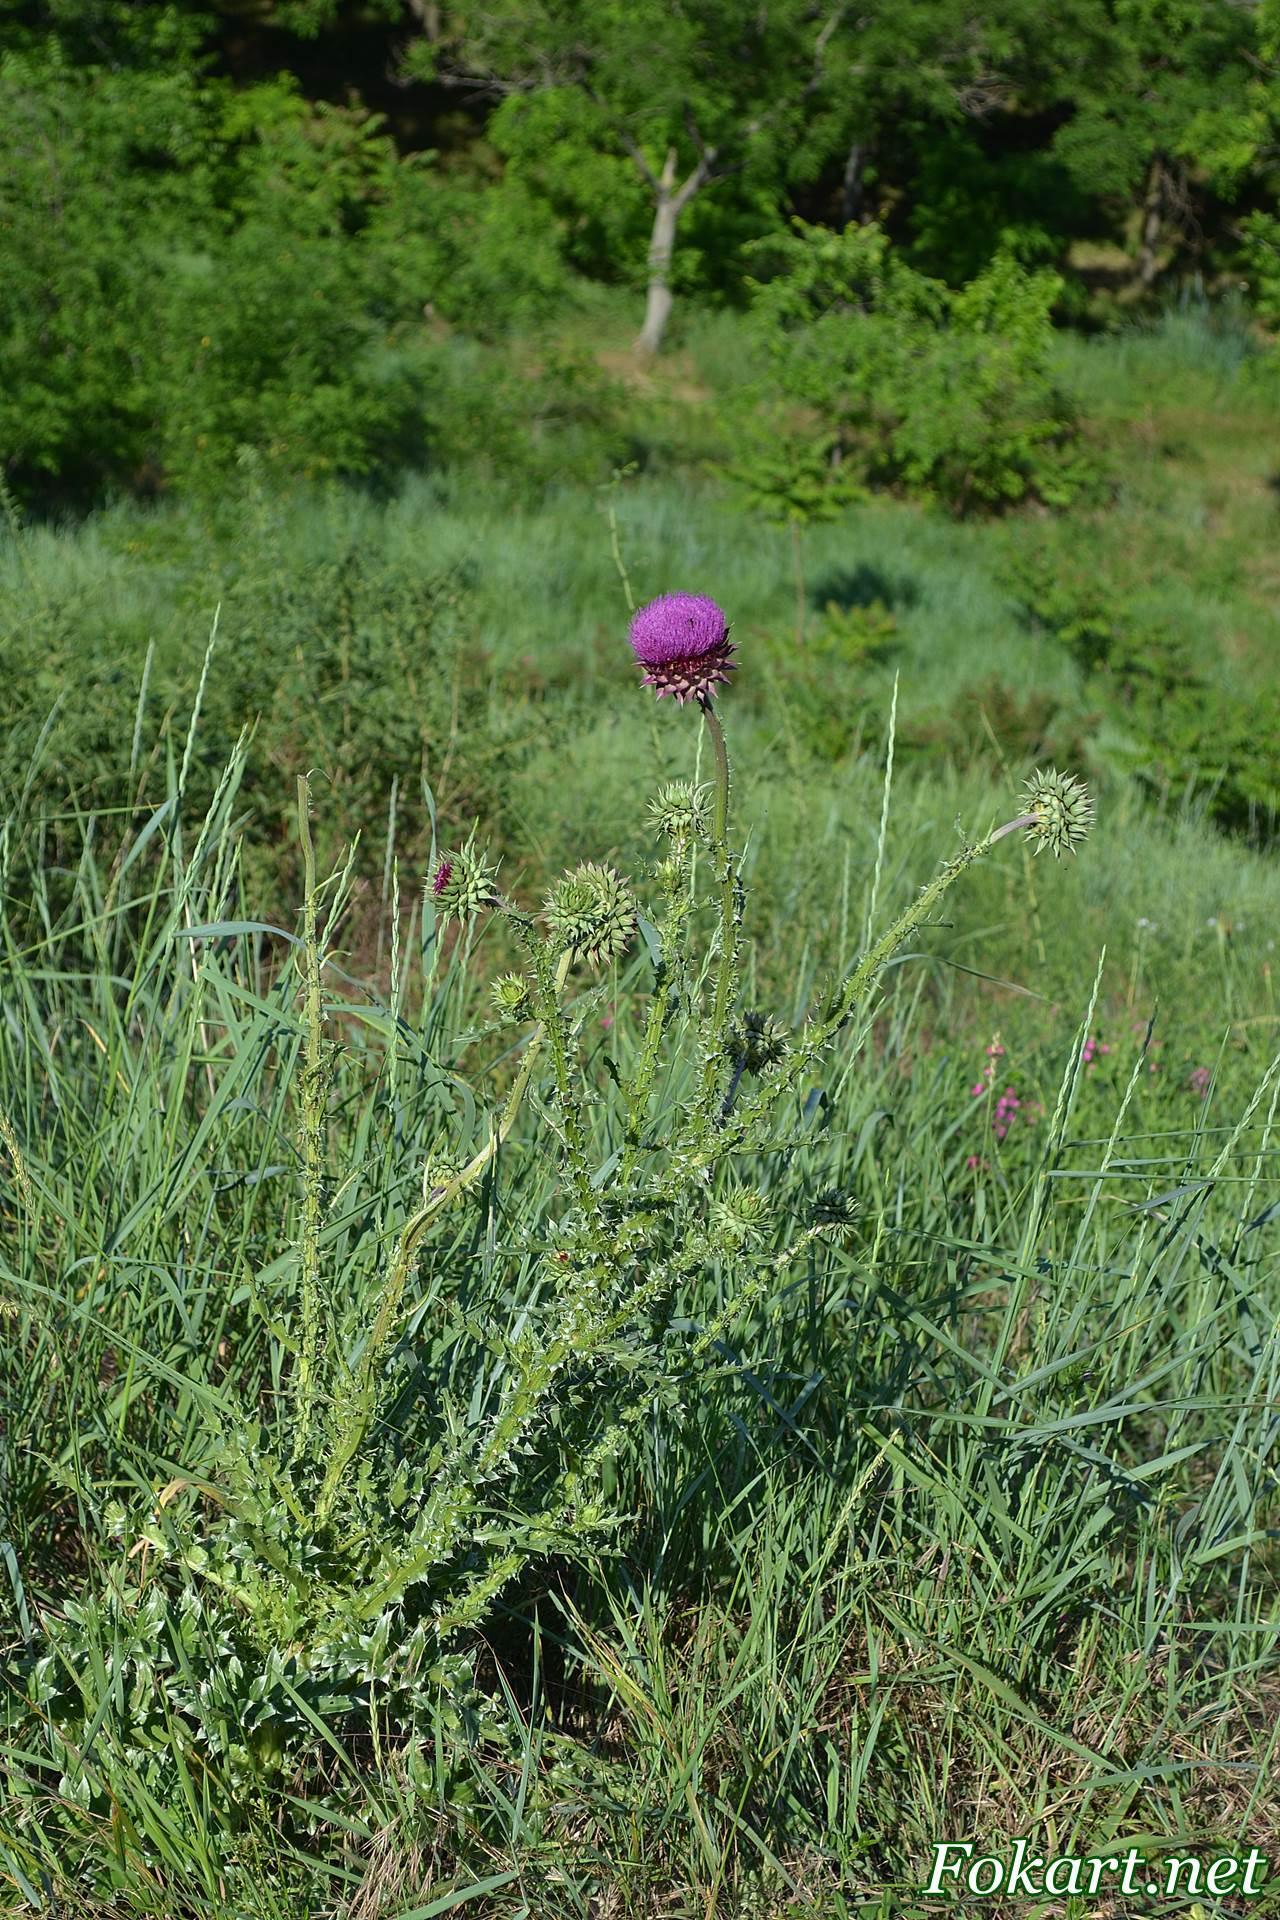 Чертополох, растущий среди трав, на зелёном склоне. Вид сверху вниз.